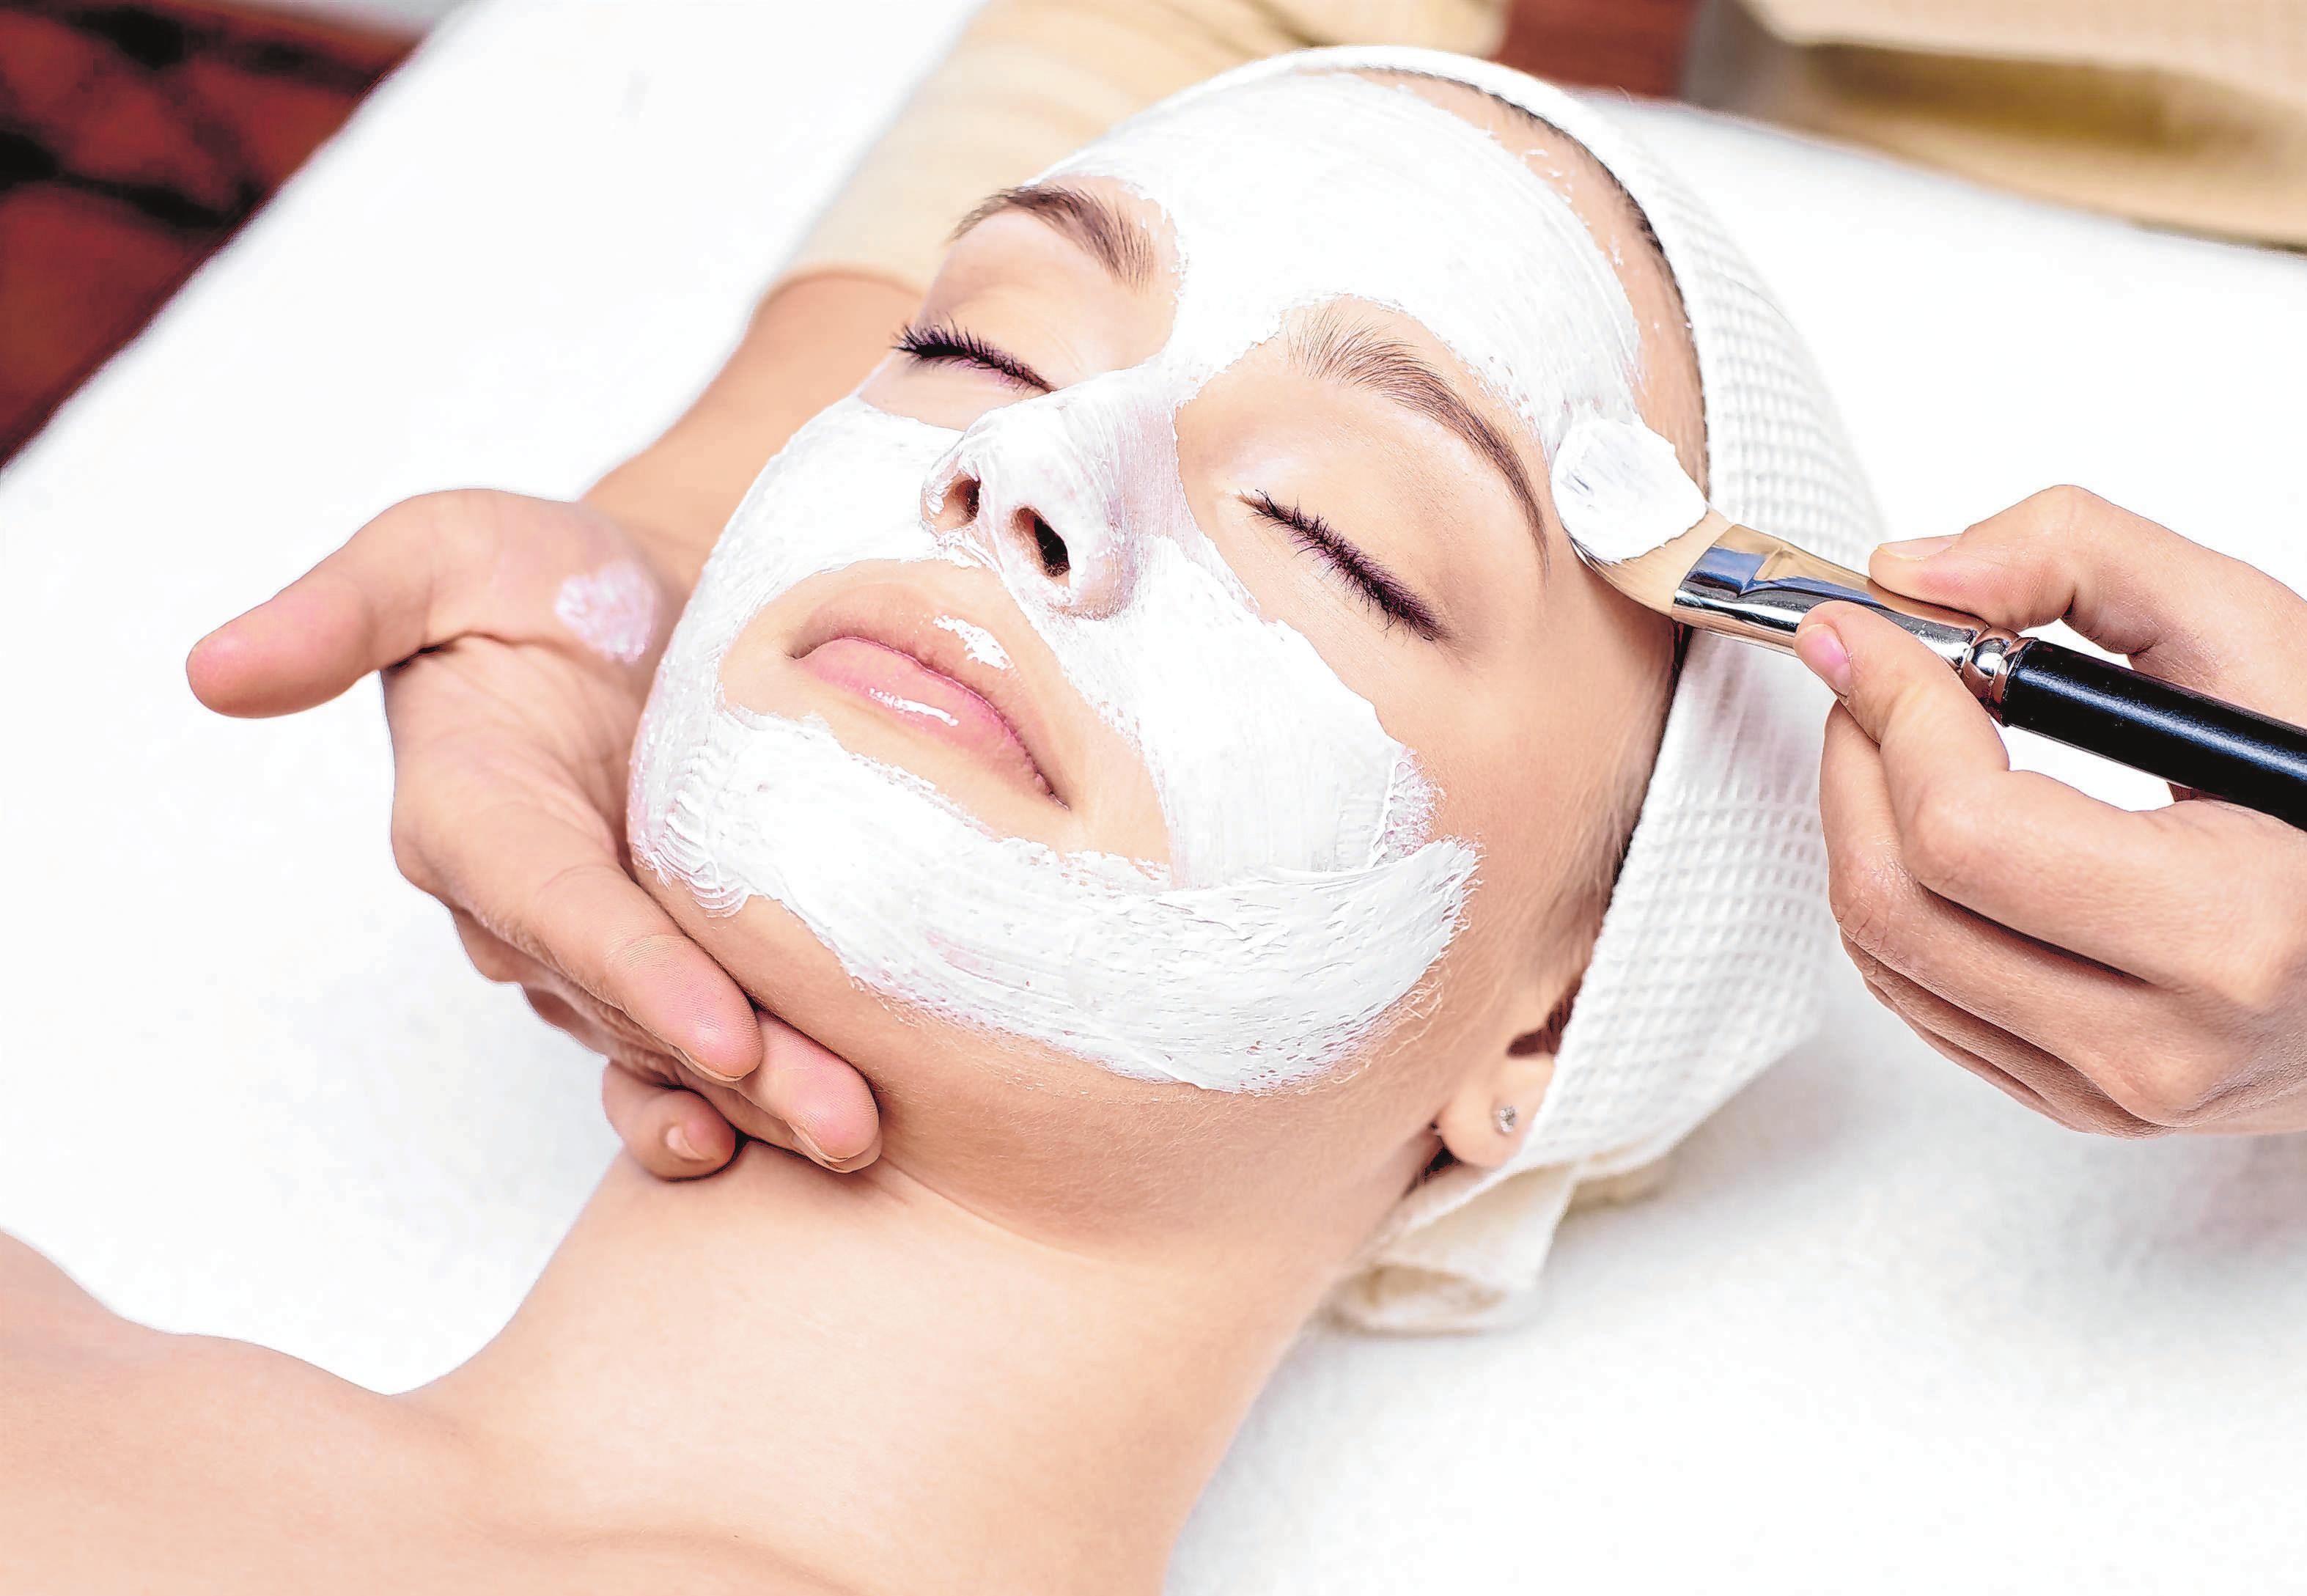 Abschalten, Wohlfühlen - bei Kosmetikern wie bei allen Schönheitspflegern ist man in guten Händen. Foto: © Valua Vitaly/shutterstock.com